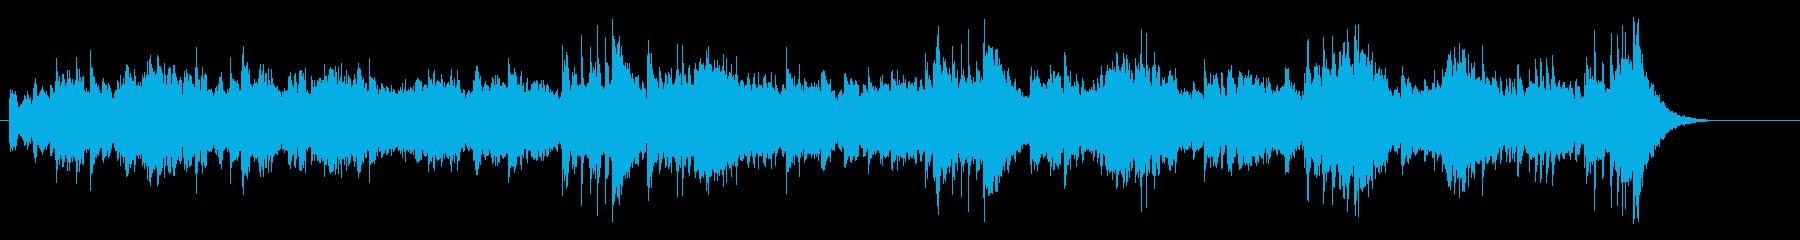 重厚なノンフィクション系のマイナーBGMの再生済みの波形